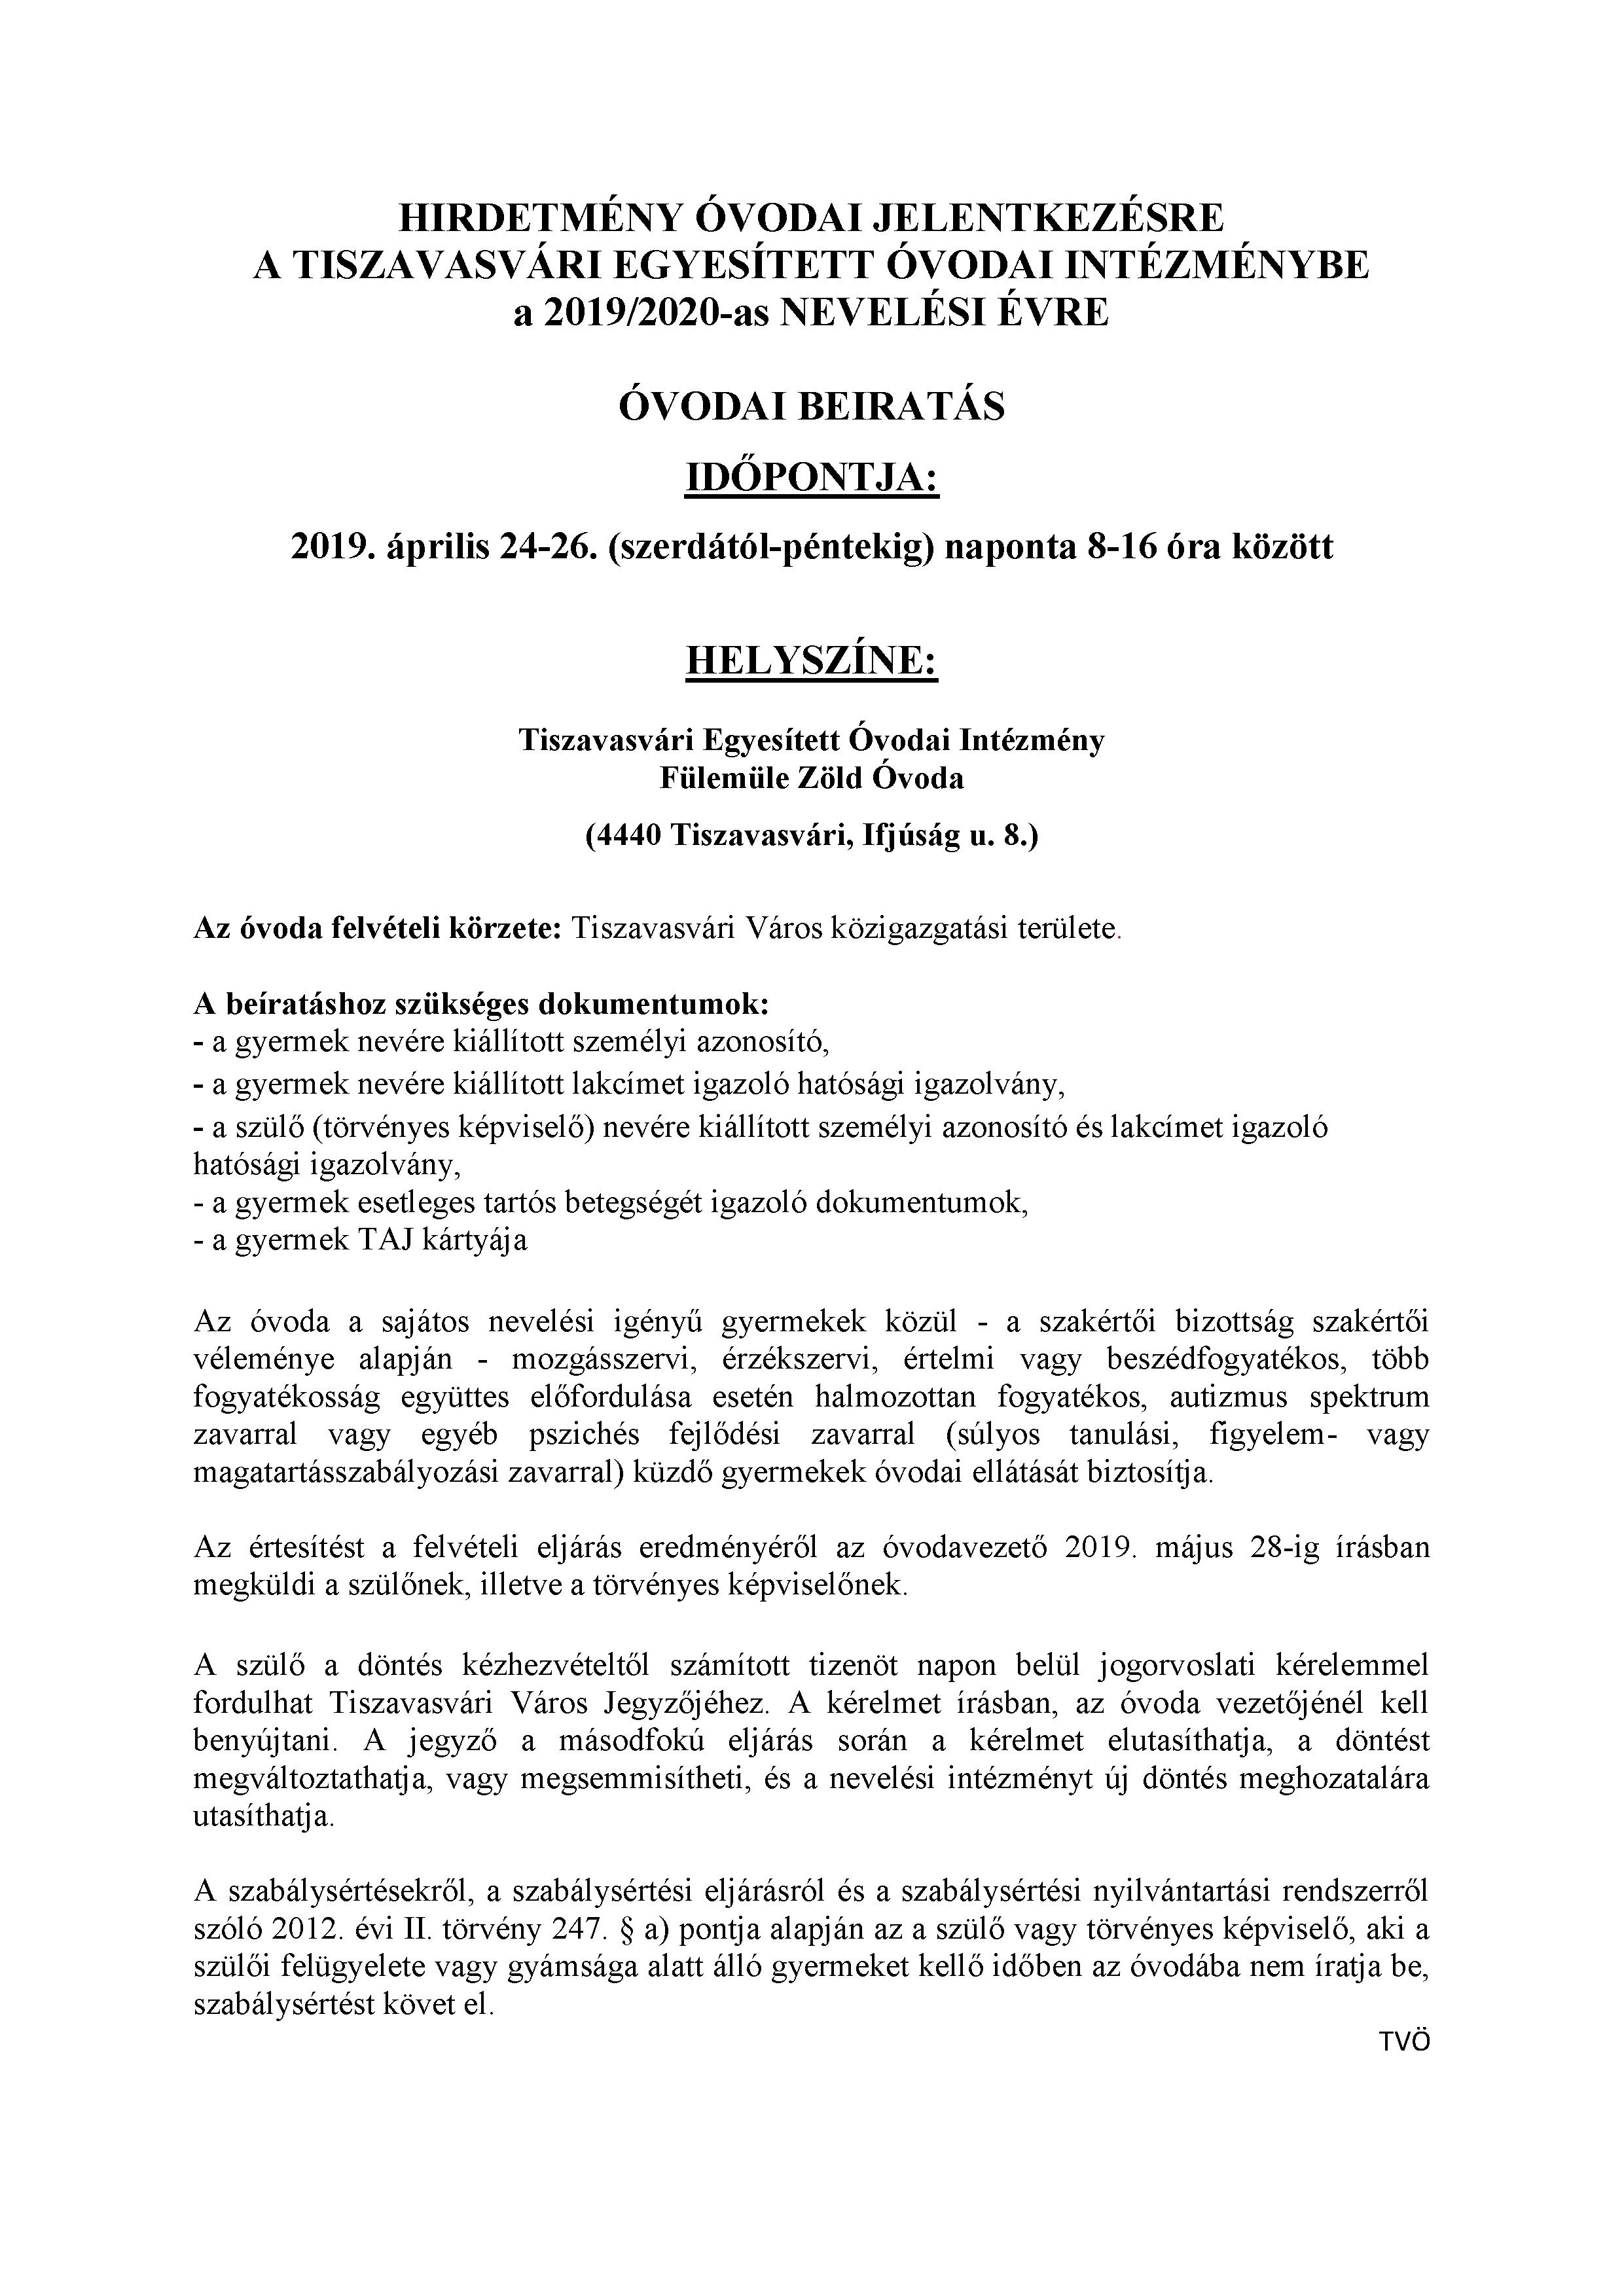 23d6797fed Hirdetmény: Óvodai jelentkezés 2019-2020-as nevelési évre